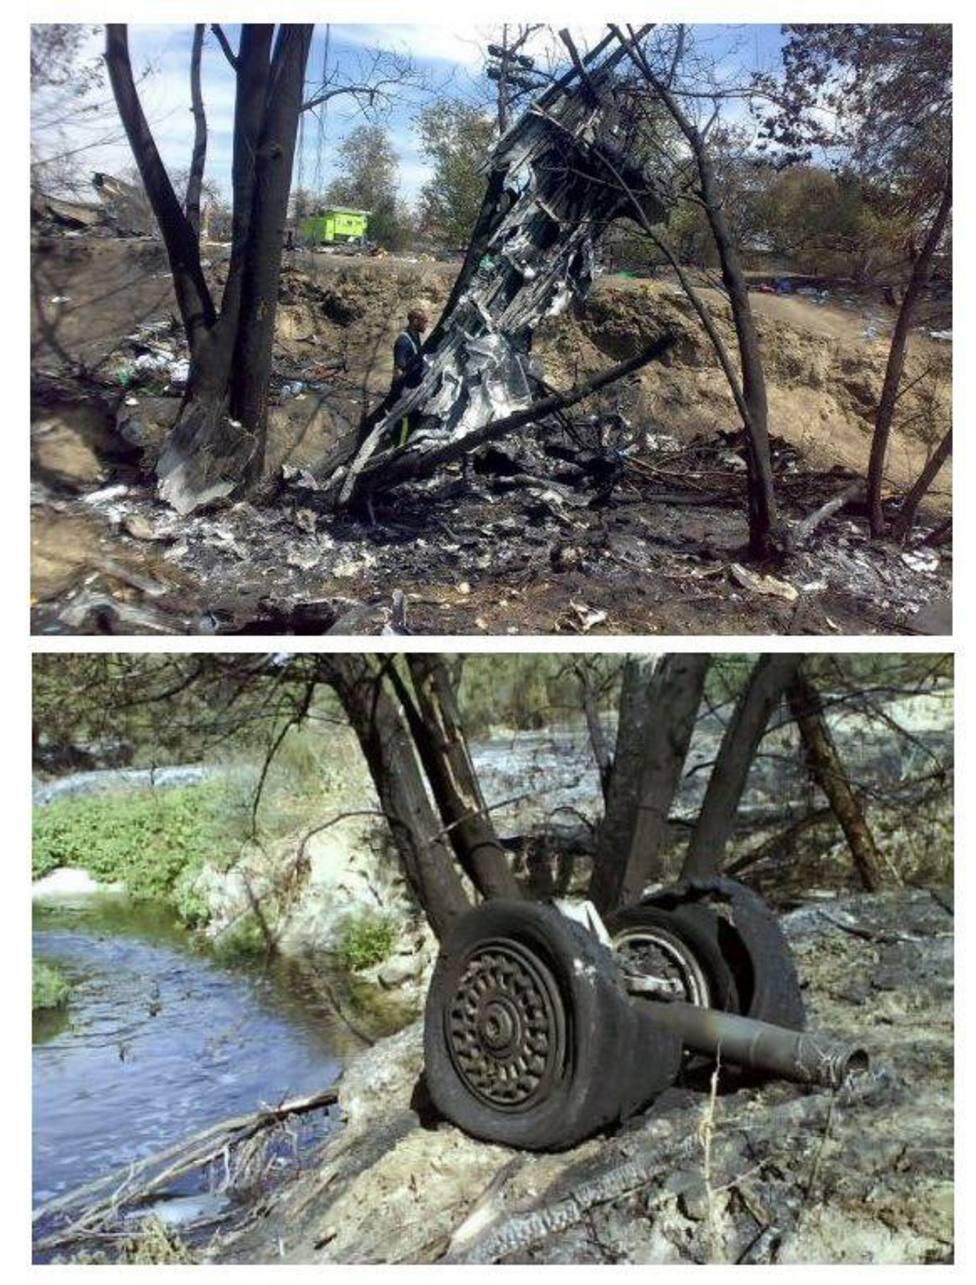 Partes del avión que se encontraron en el lugar del siniestro